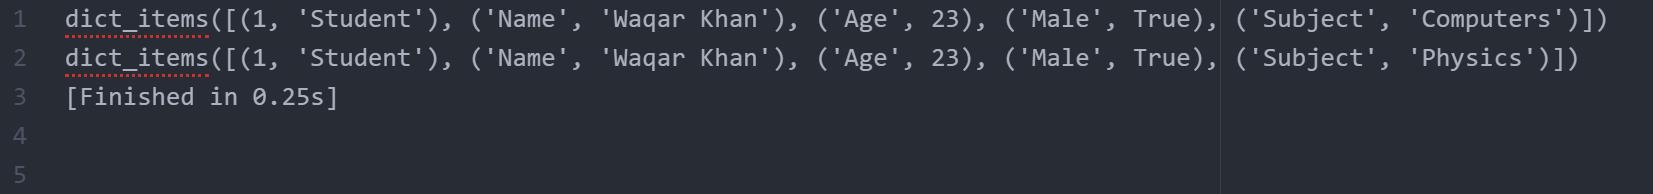 item_output_python_dictionary